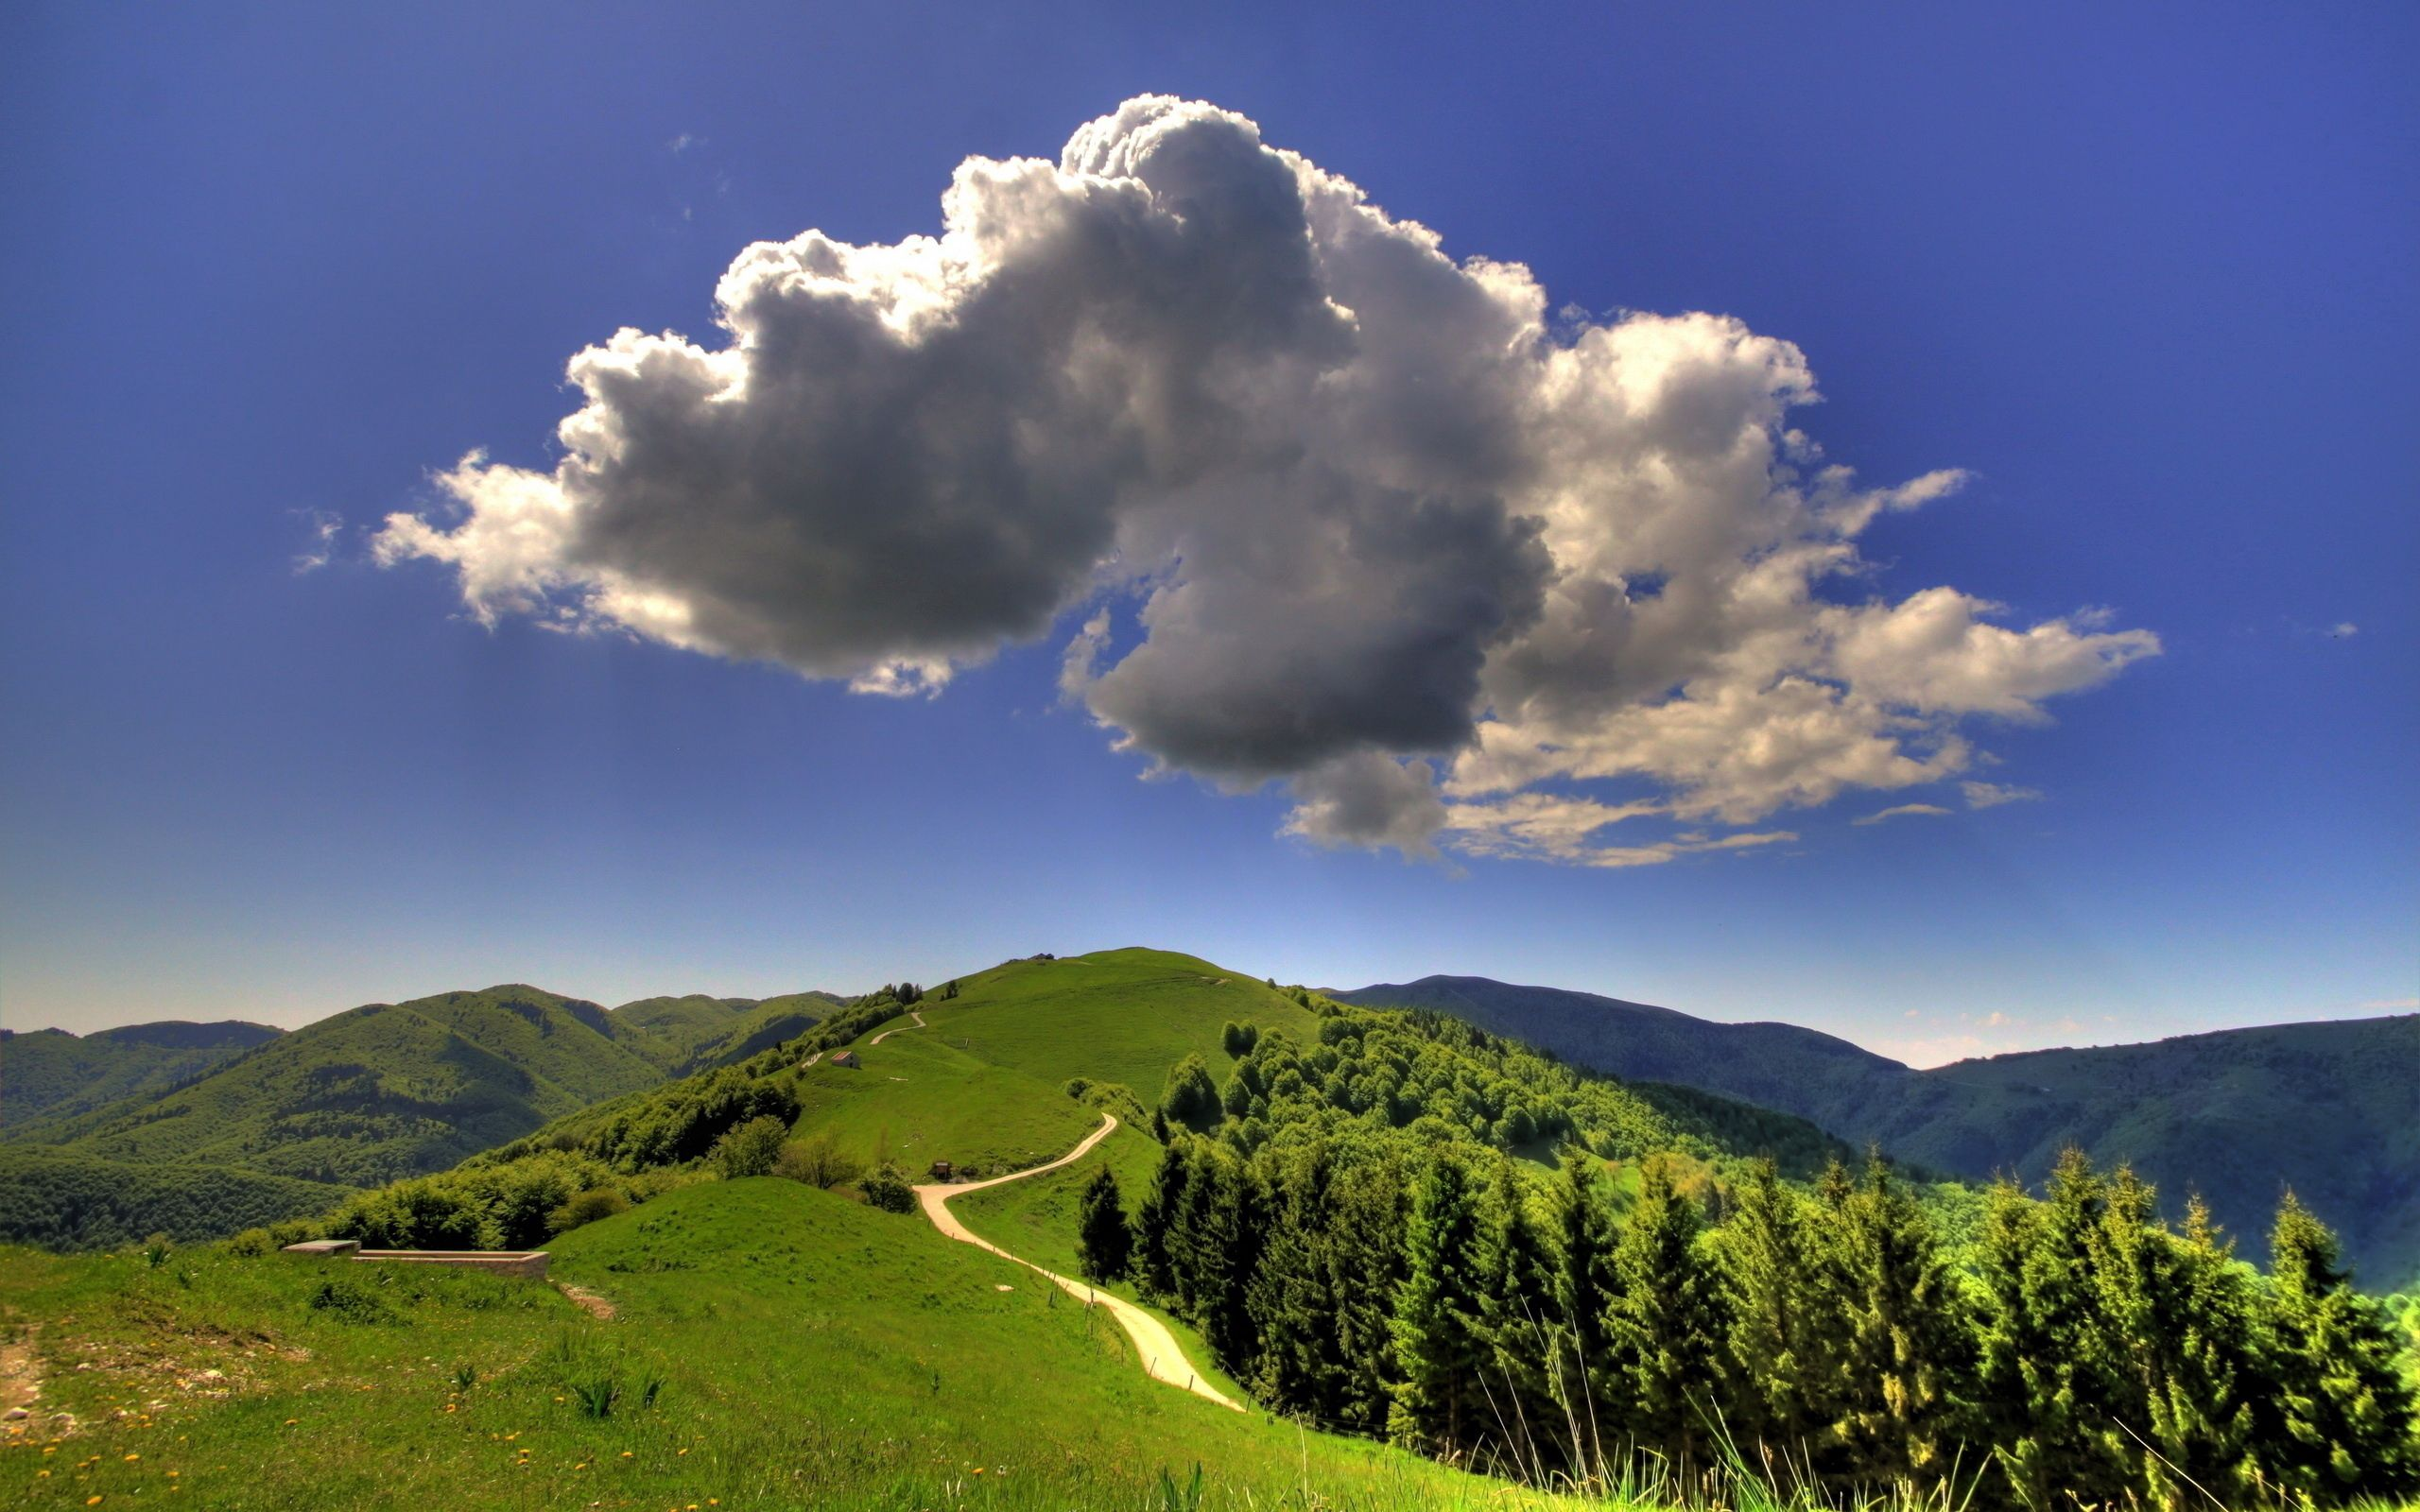 87093 免費下載壁紙 性质, 云, 云端, 体积, 天空, 蓝色的, 踪迹, 小径, 风景, 景观, 清除, 清楚, 森林, 绿色的, 山 屏保和圖片